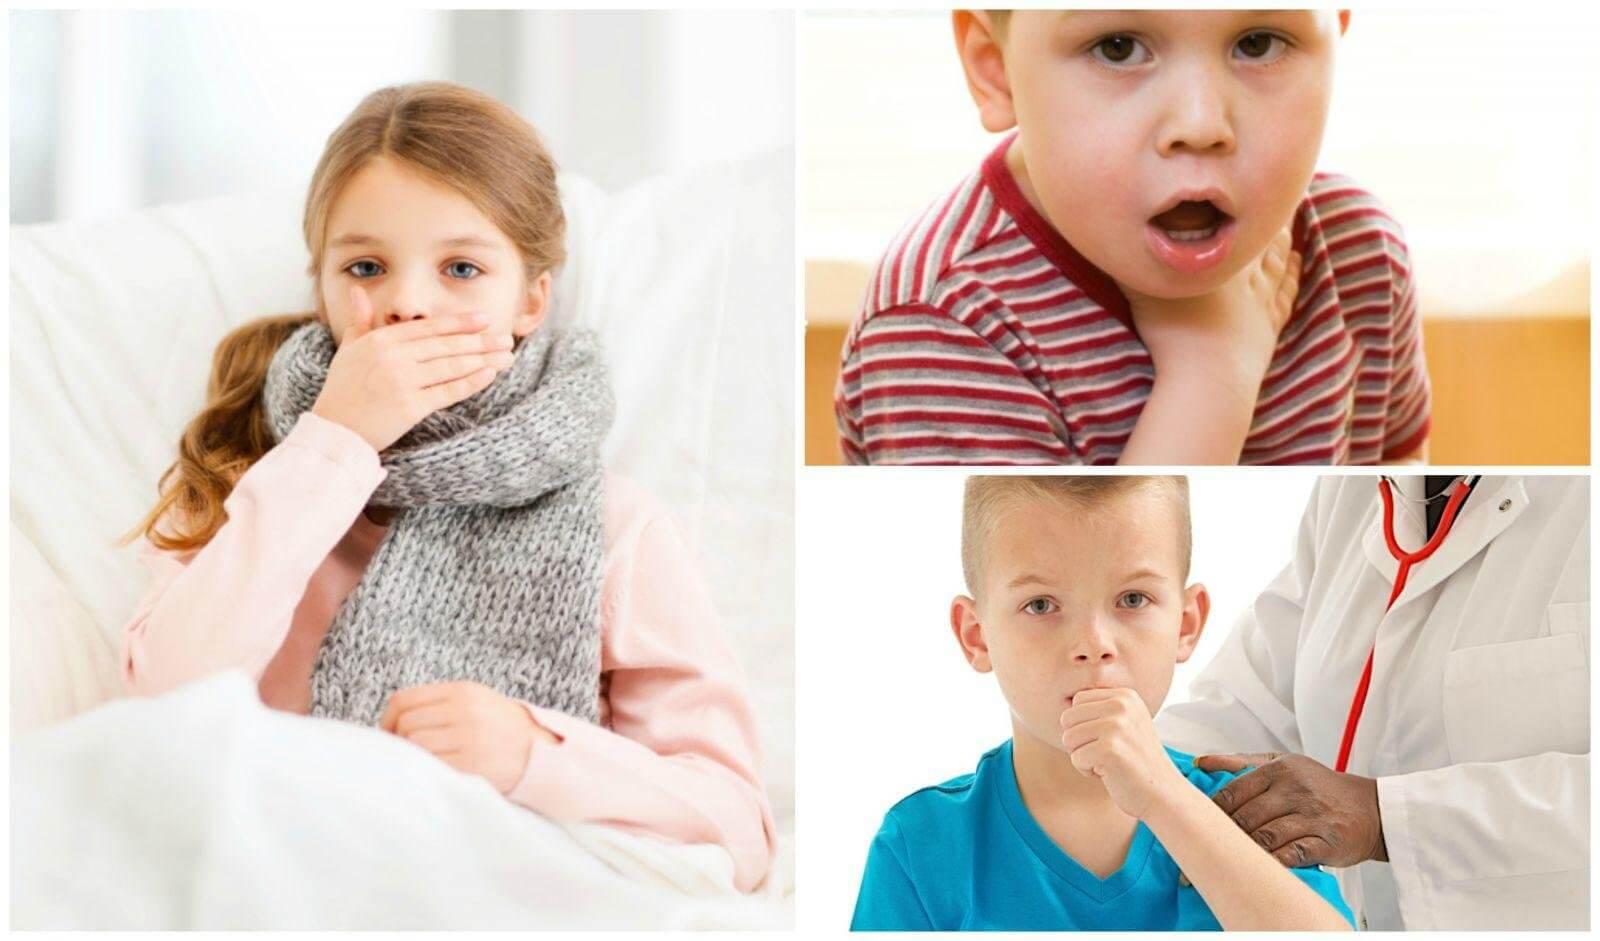 Ларингит у детей (48 фото): симптомы и признаки, лечение в домашних условиях, как и чем лечить, препараты для детей 2 лет, ингаляции